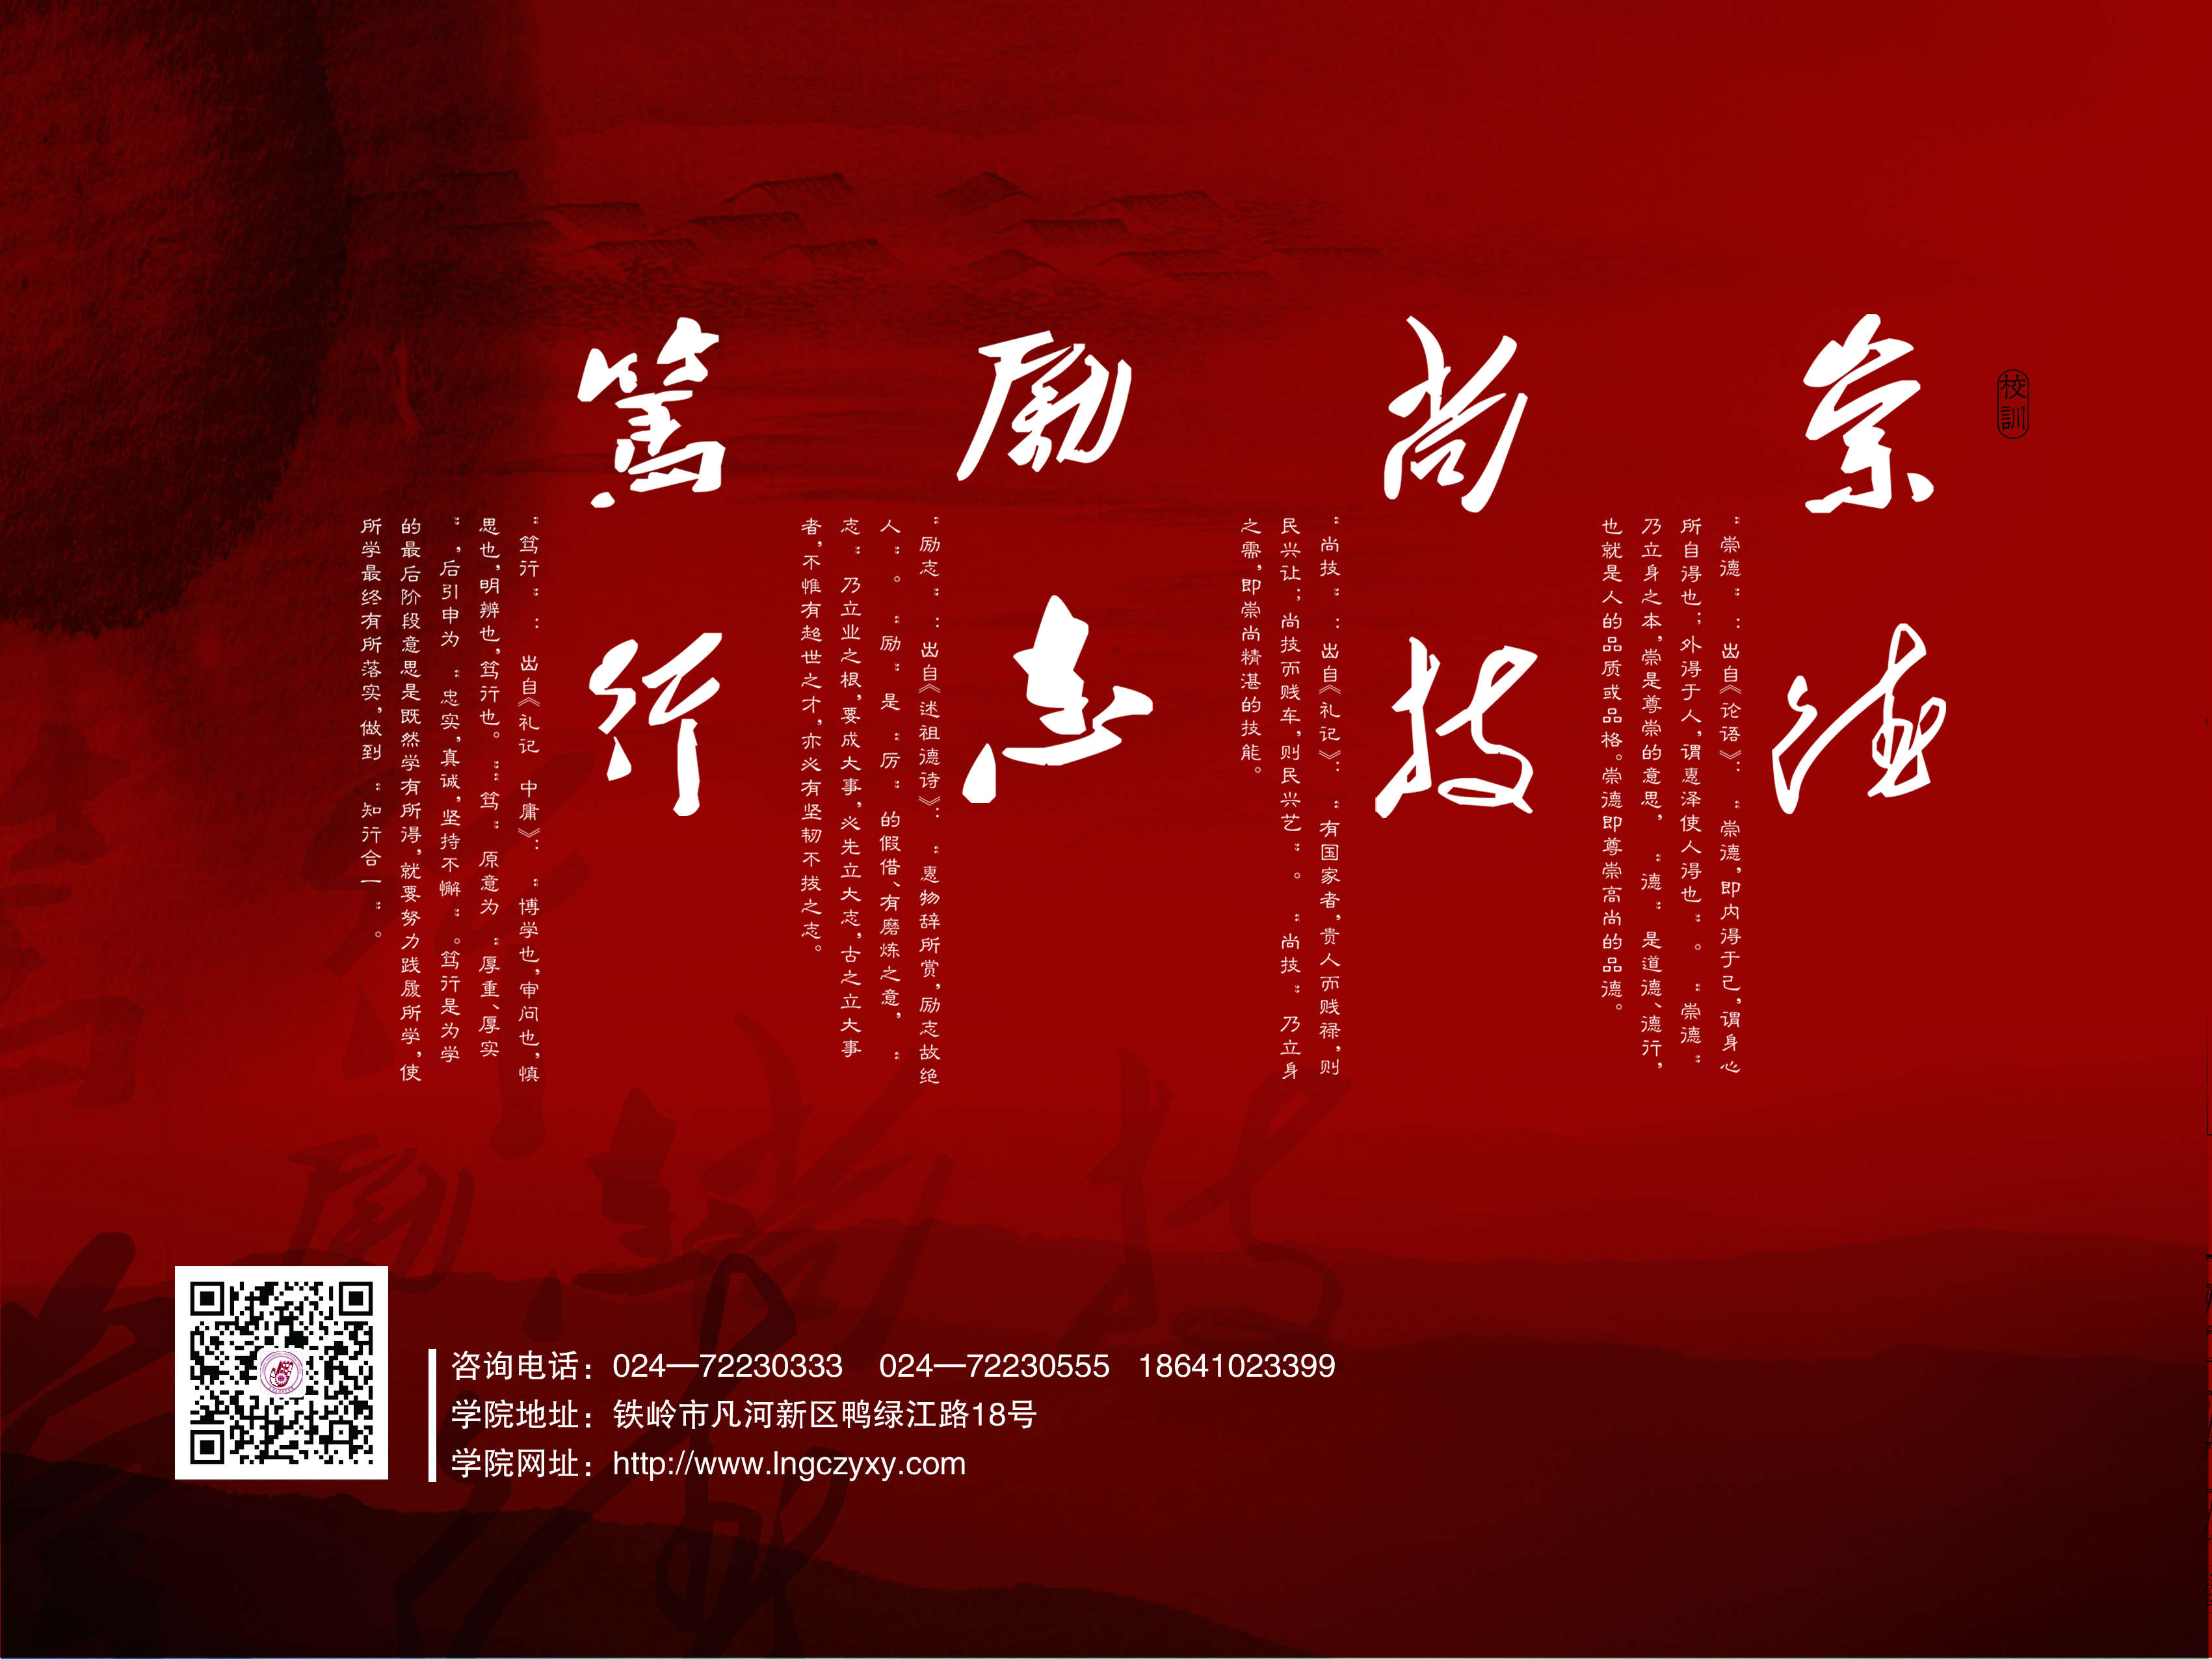 辽宁工程职业学院2021年招生简章